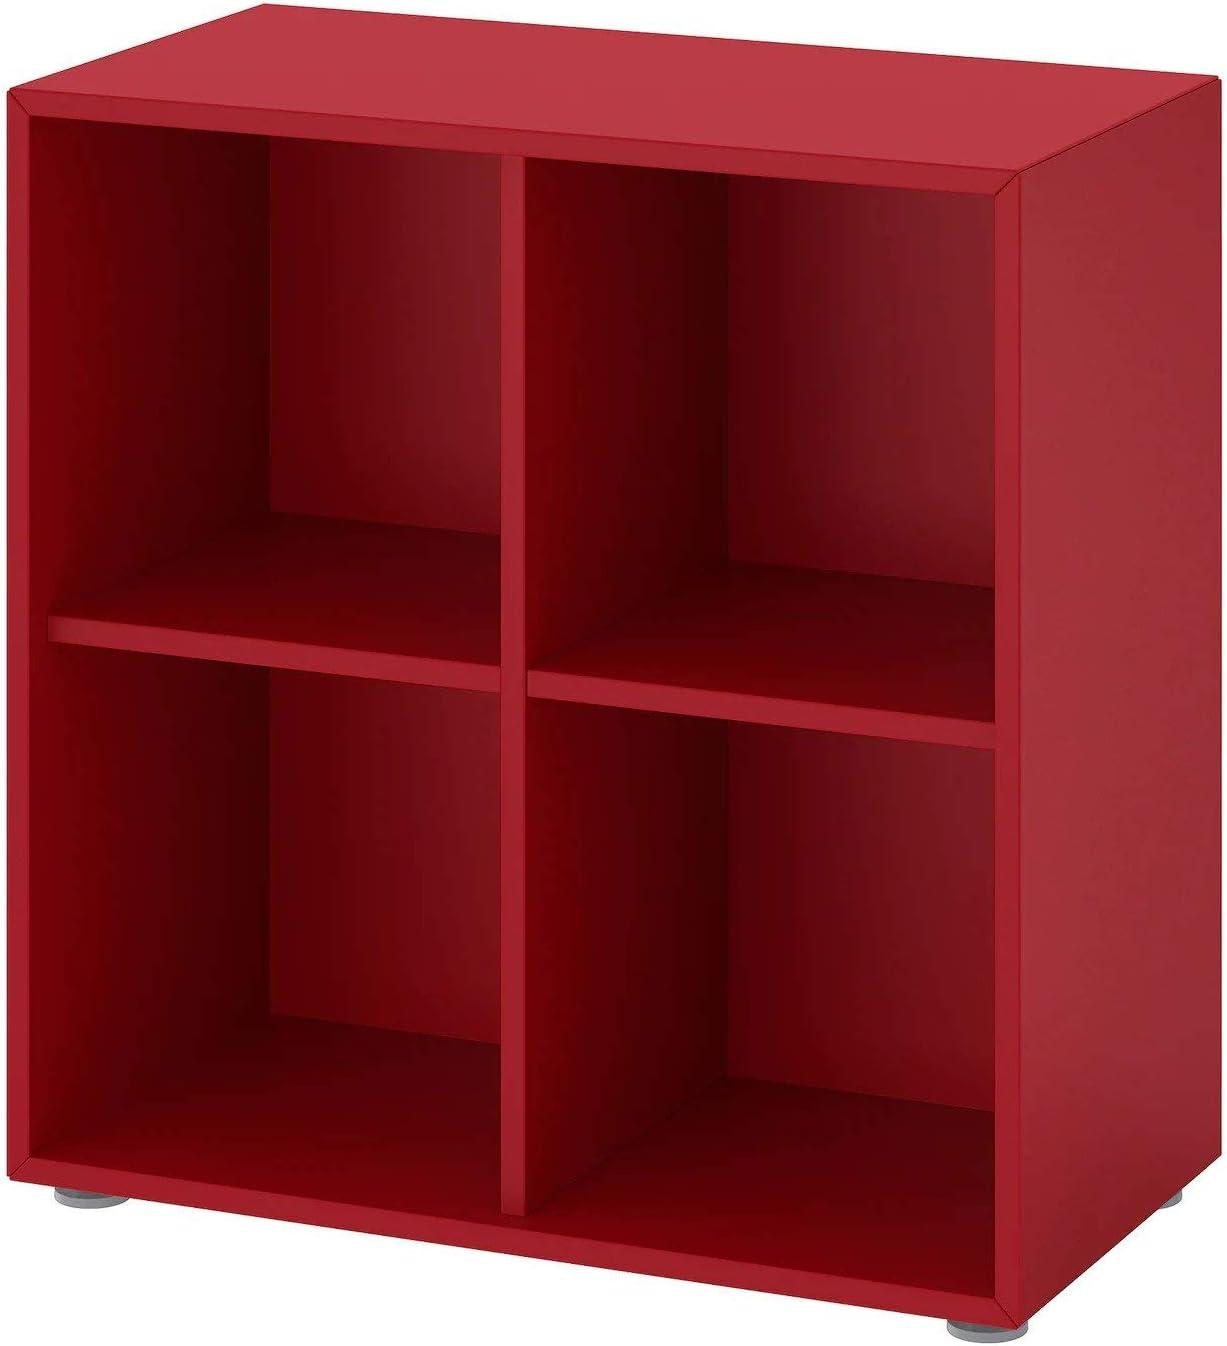 Ik ea EKET - Estantería con patas, color rojo, 70 x 35 x 72 ...